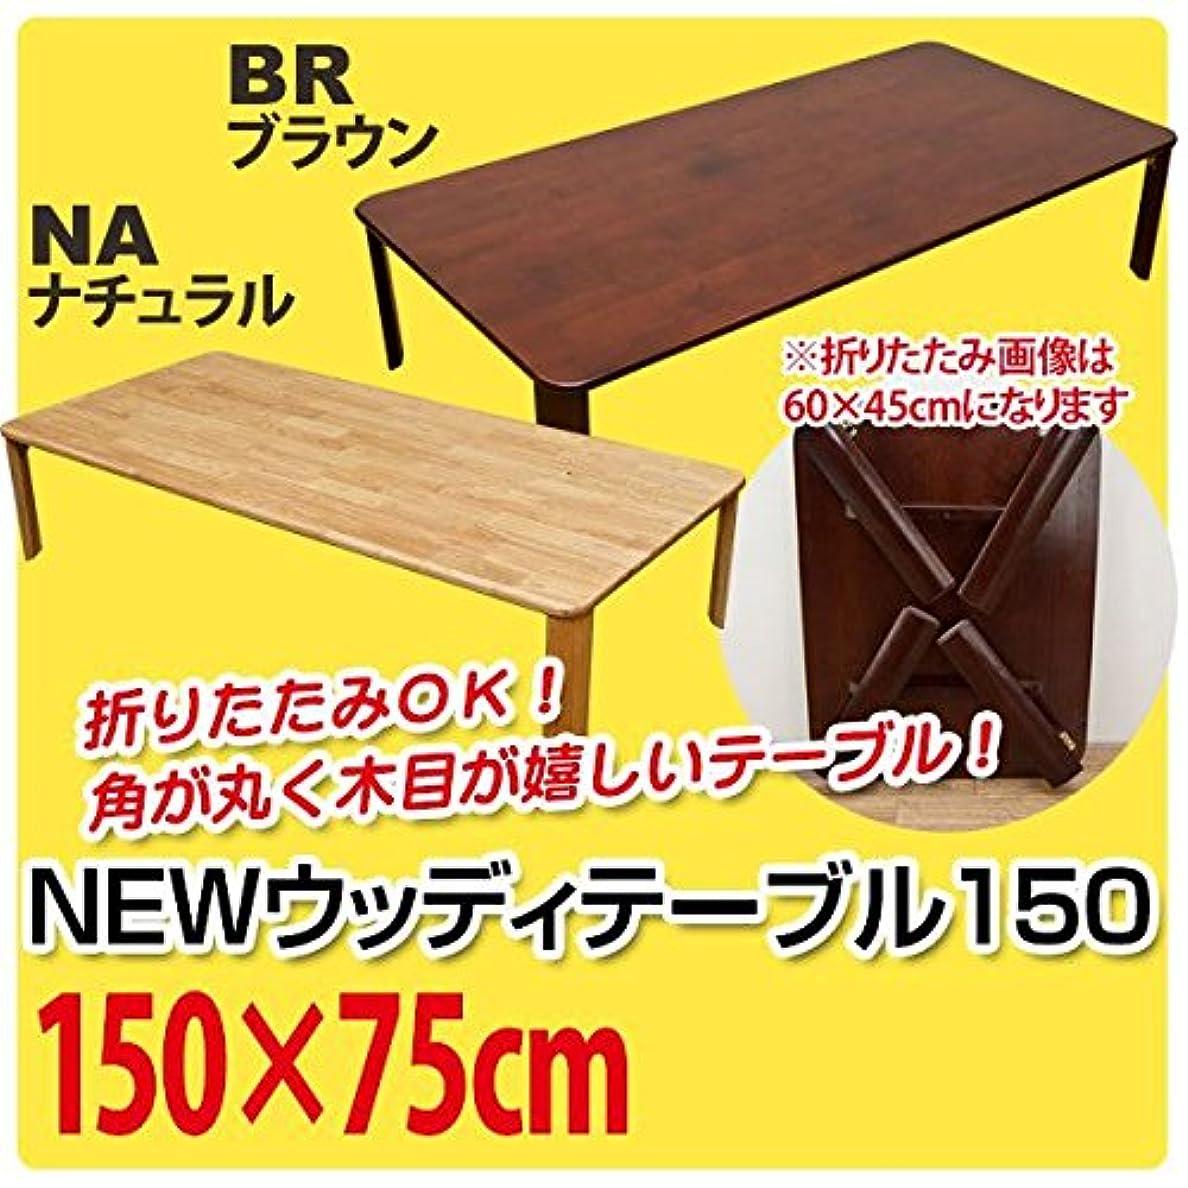 ブランド親愛な接触WZ-1500NA(4.6)NEWウッディーテーブル 150 ナチュラル